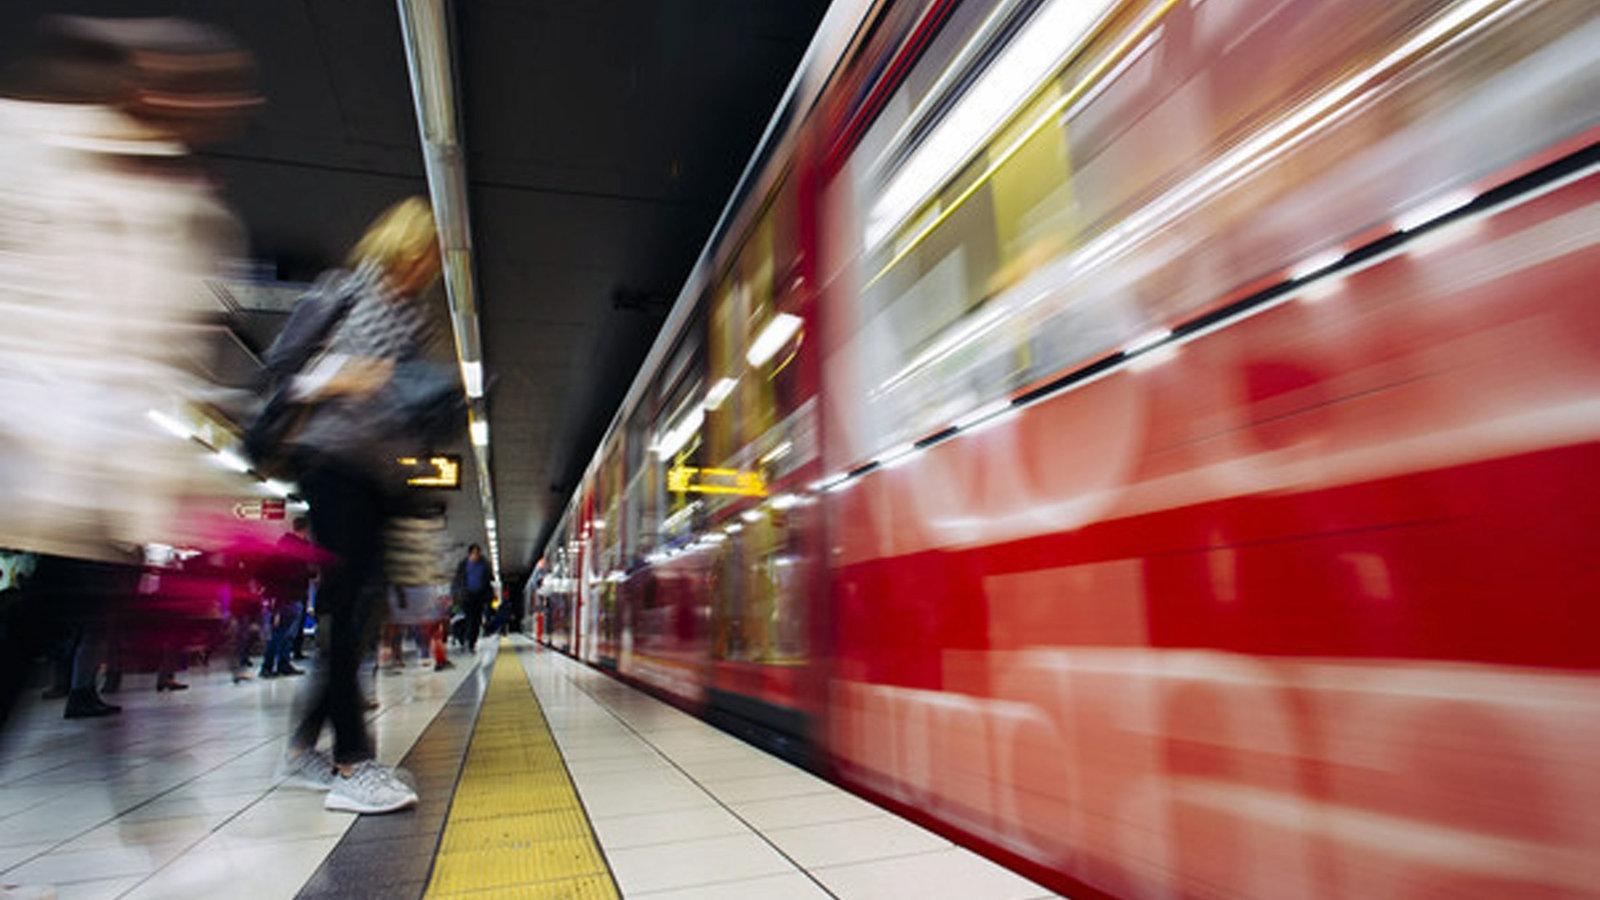 Kein-Sicherheits-Update-bei-der-Bahn